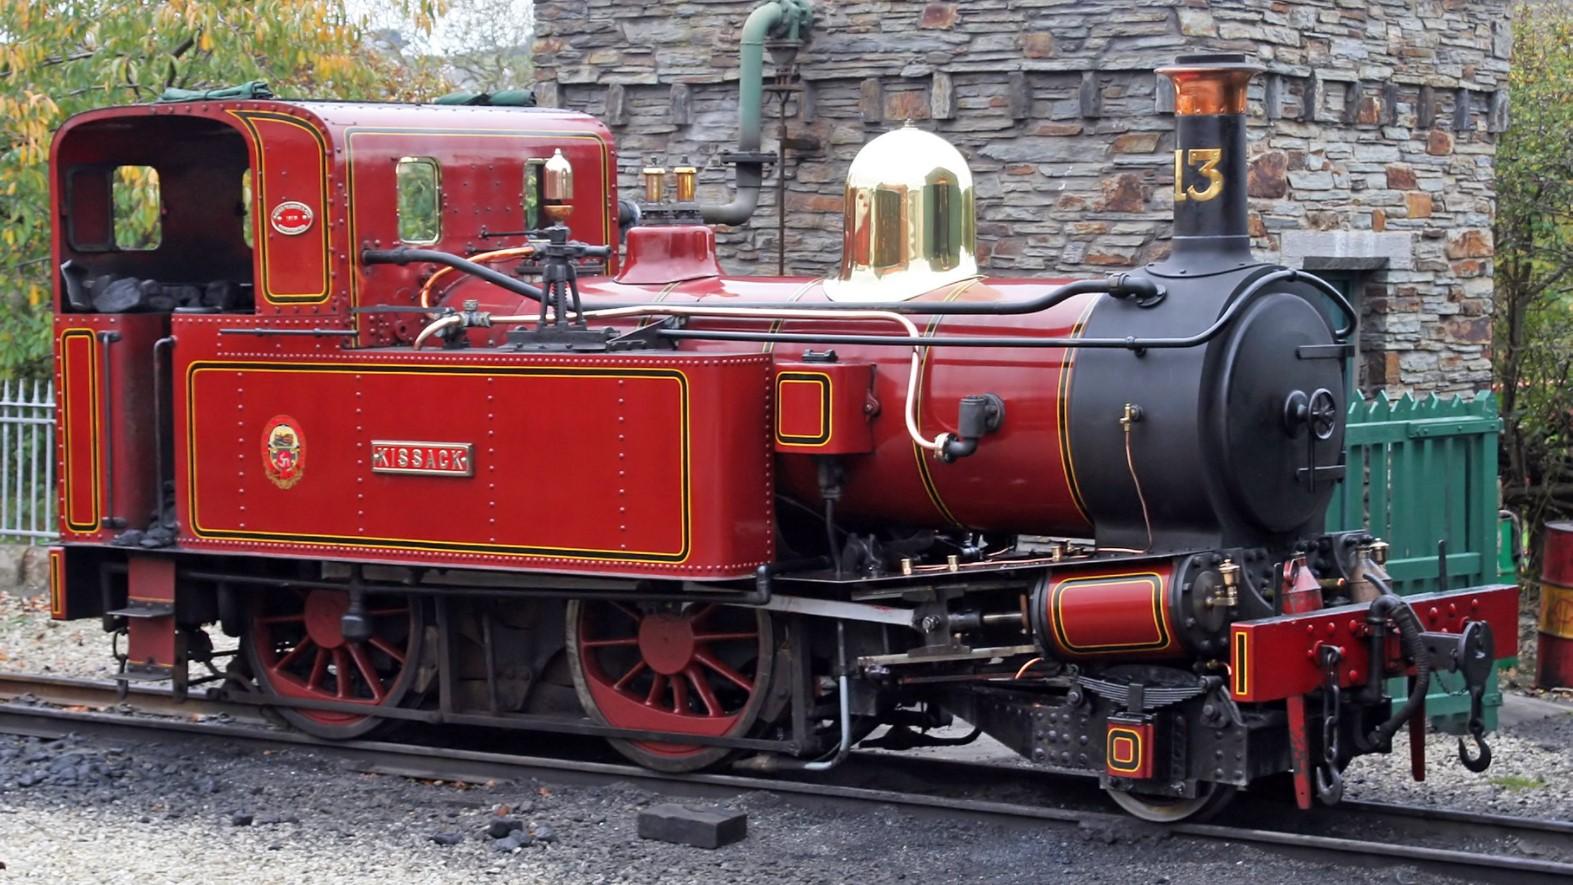 """""""Kissack"""" at Port Erin in October 2007. ©Tony Hisgett"""